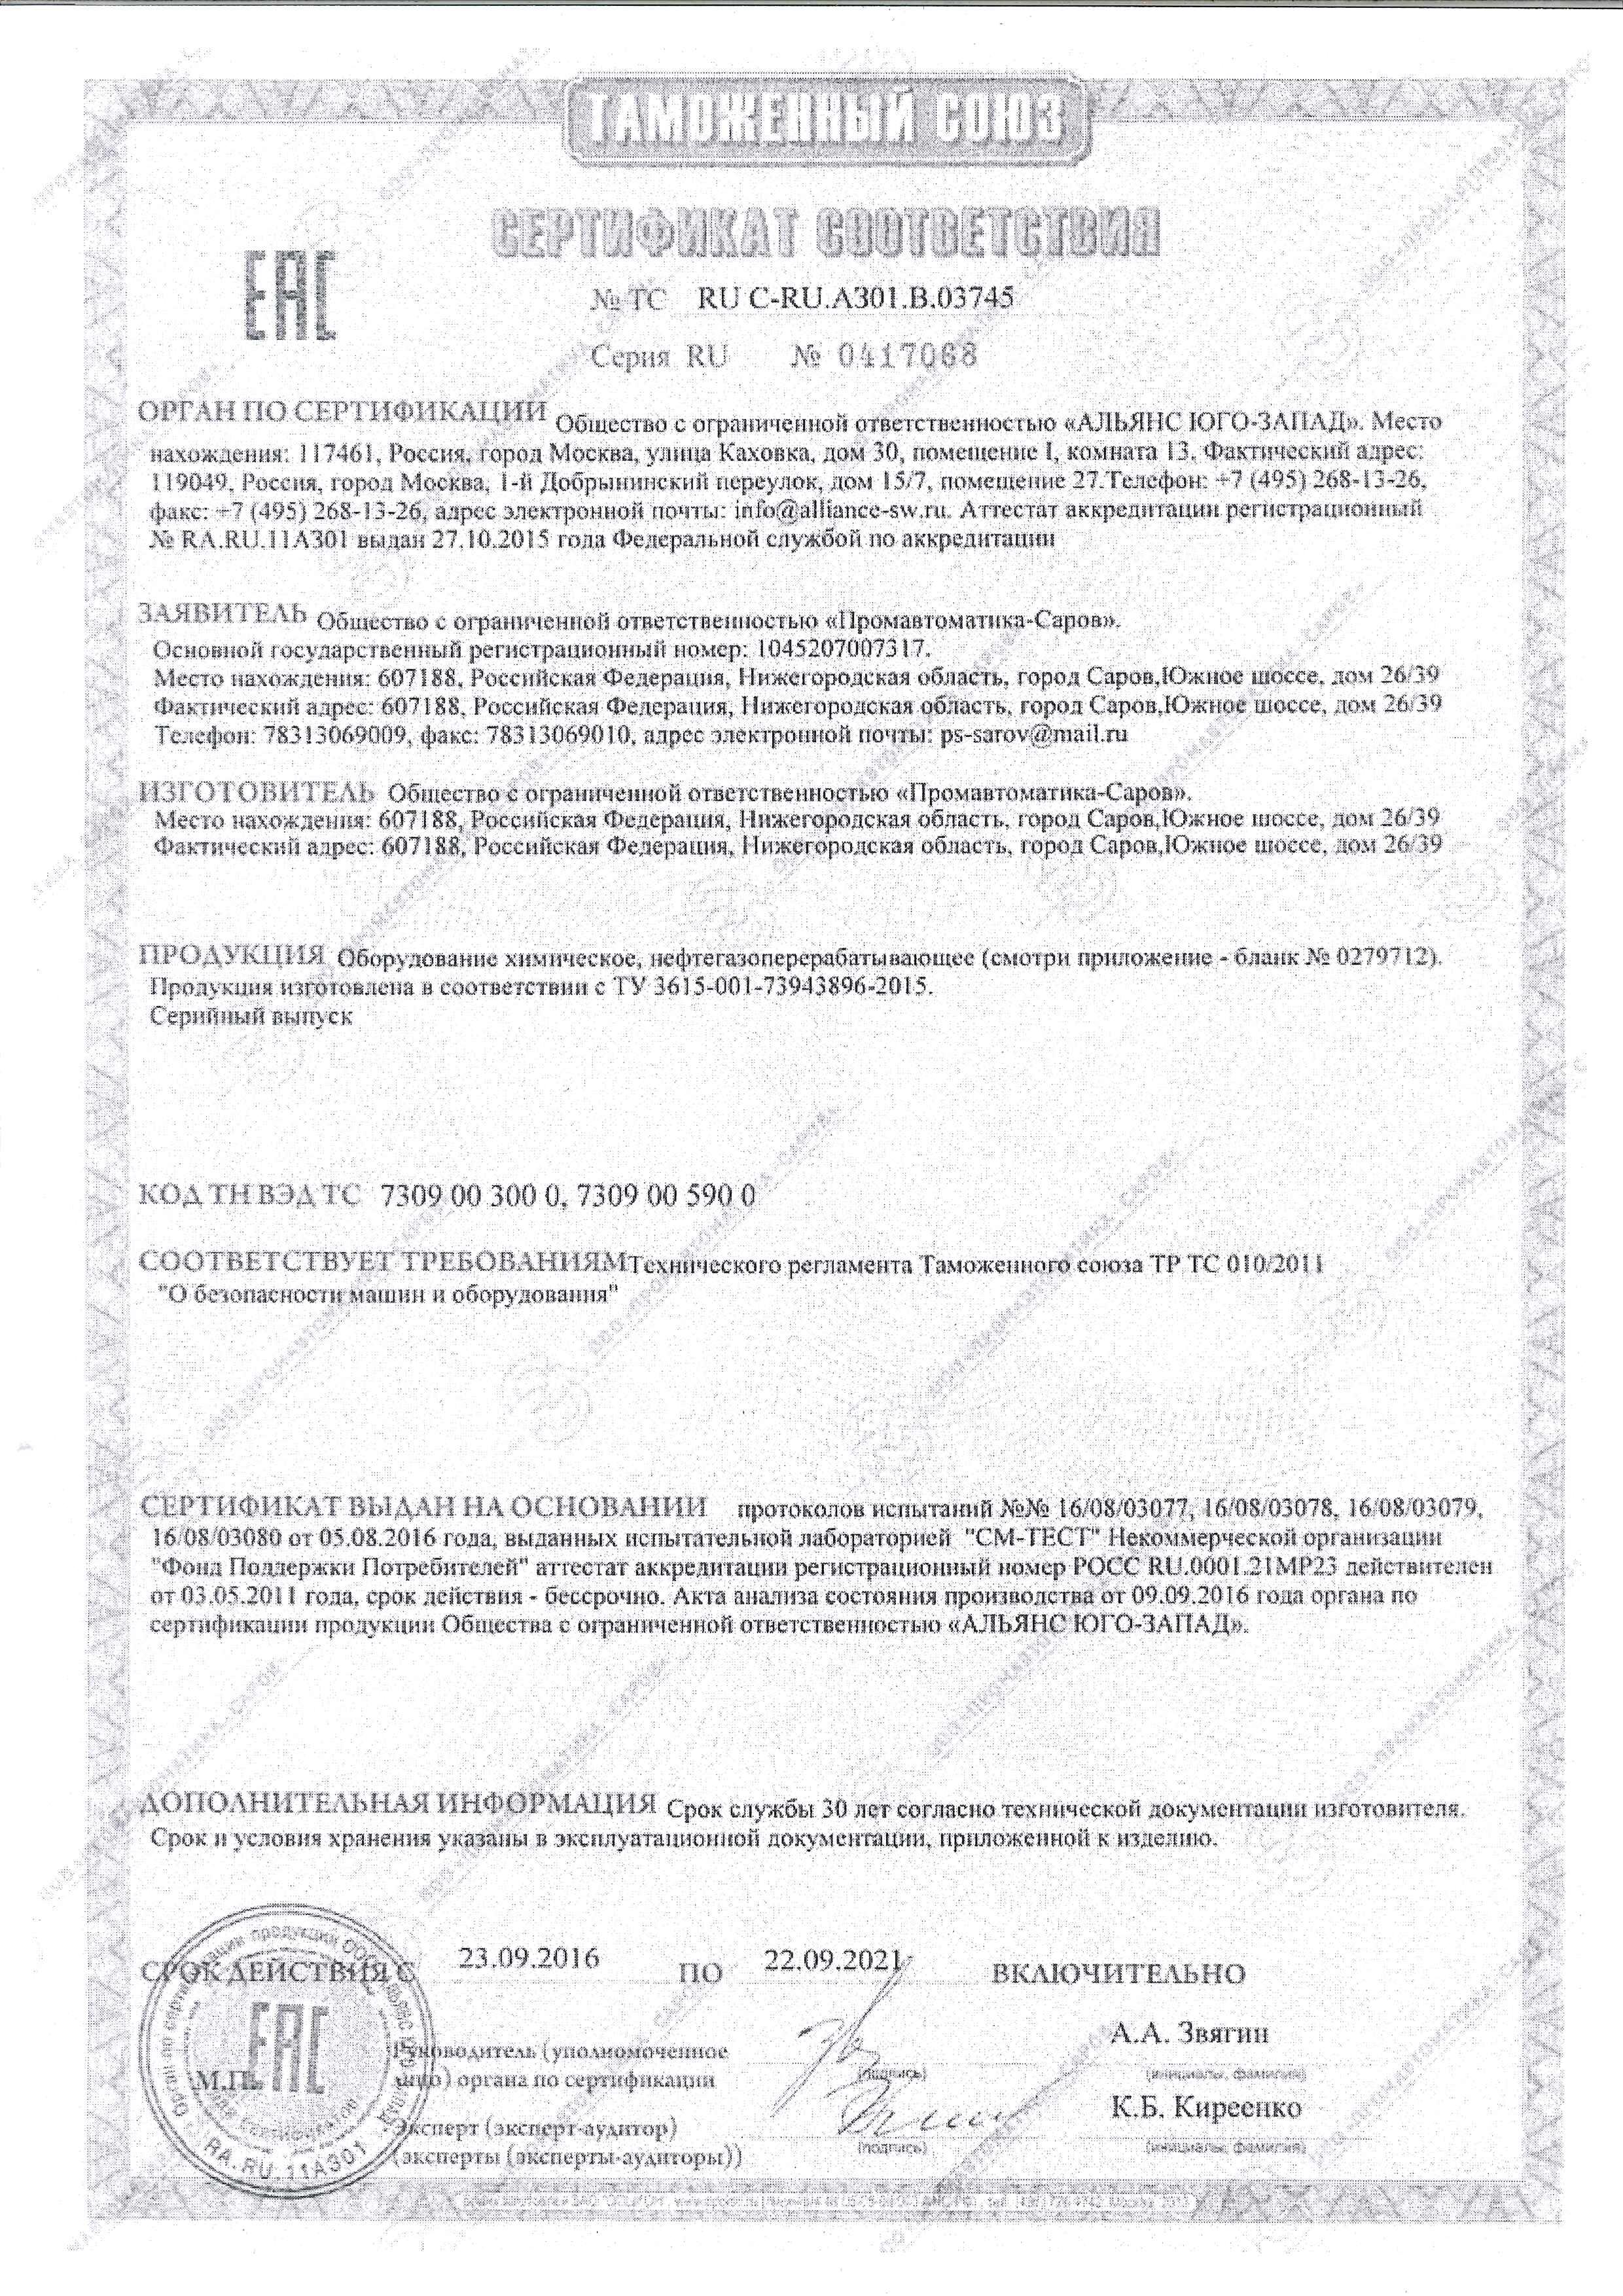 sertifikat-sosudi-010